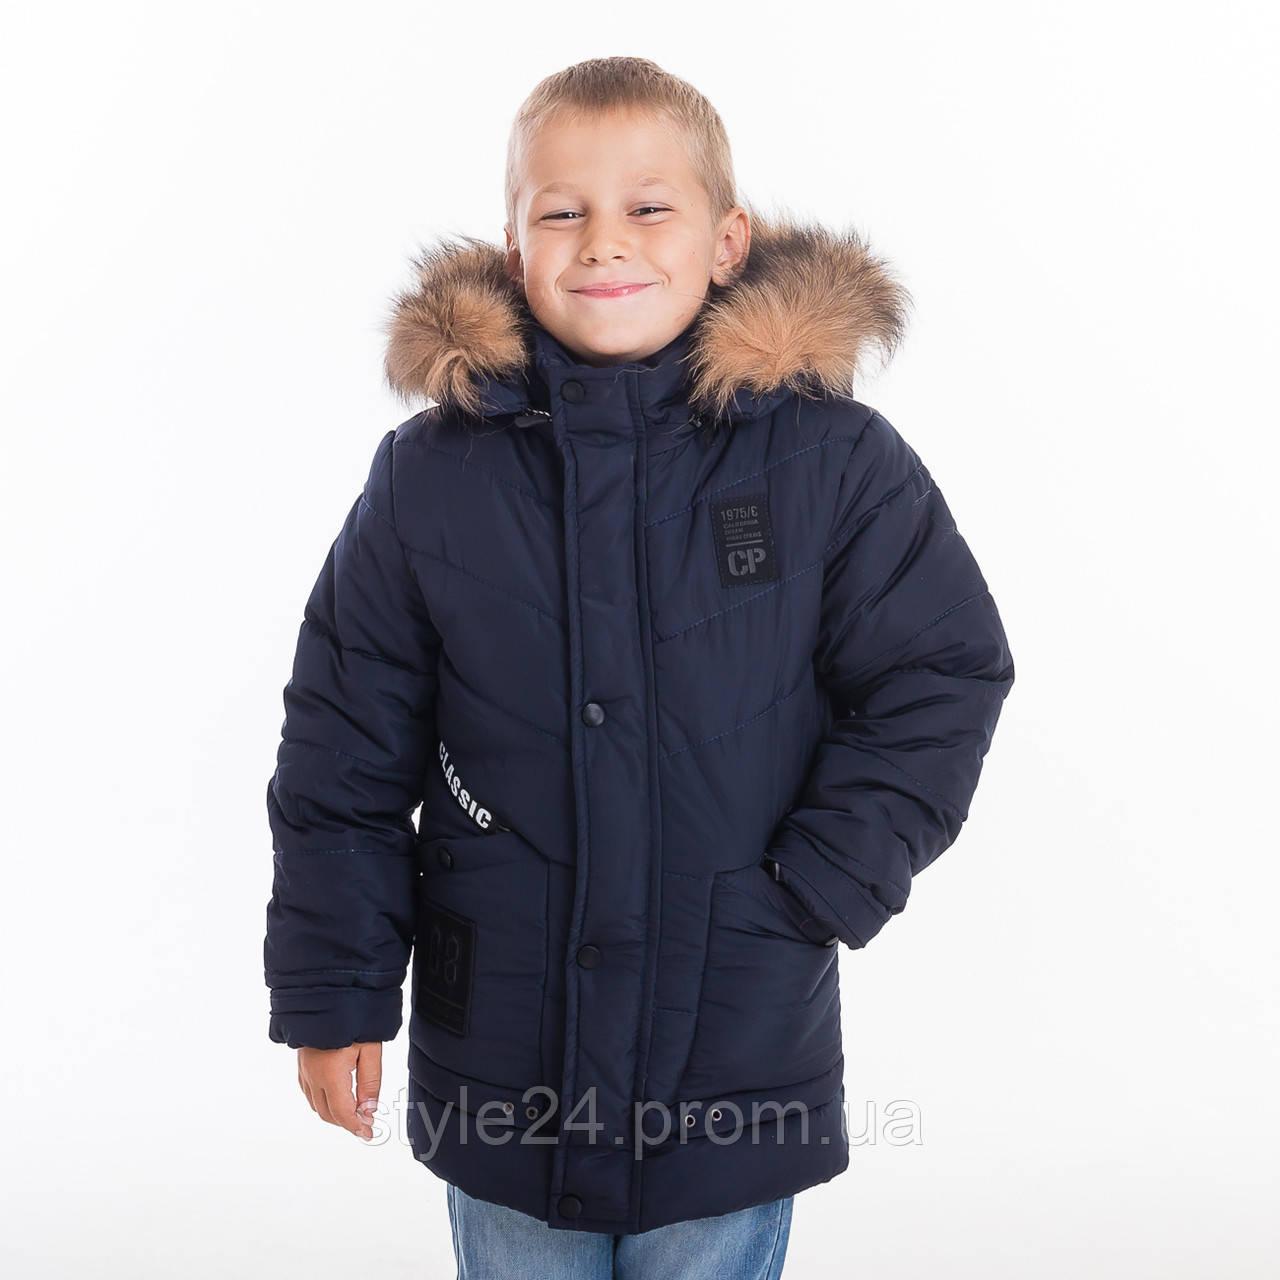 Зимова куртка на хлопчика на флісі.Р-ри 116-146  продажа 3a7da6433149b